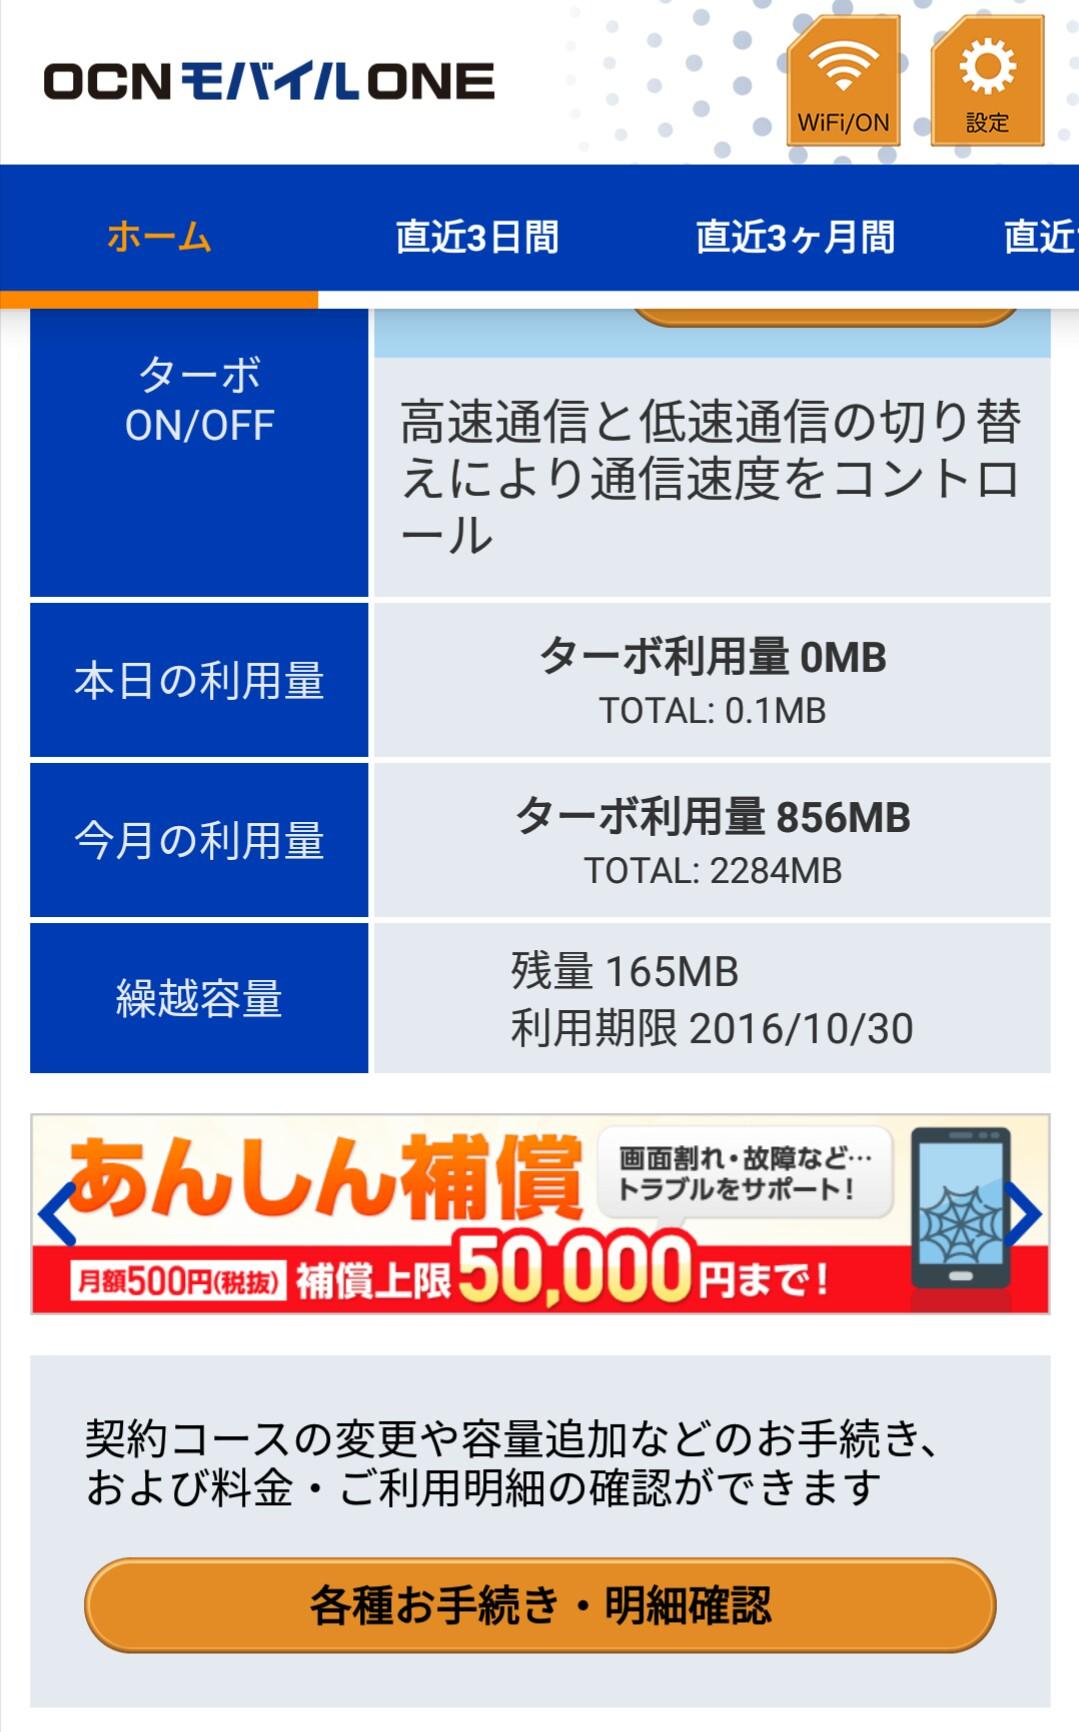 f:id:etenatsu:20161030122634j:image:w300